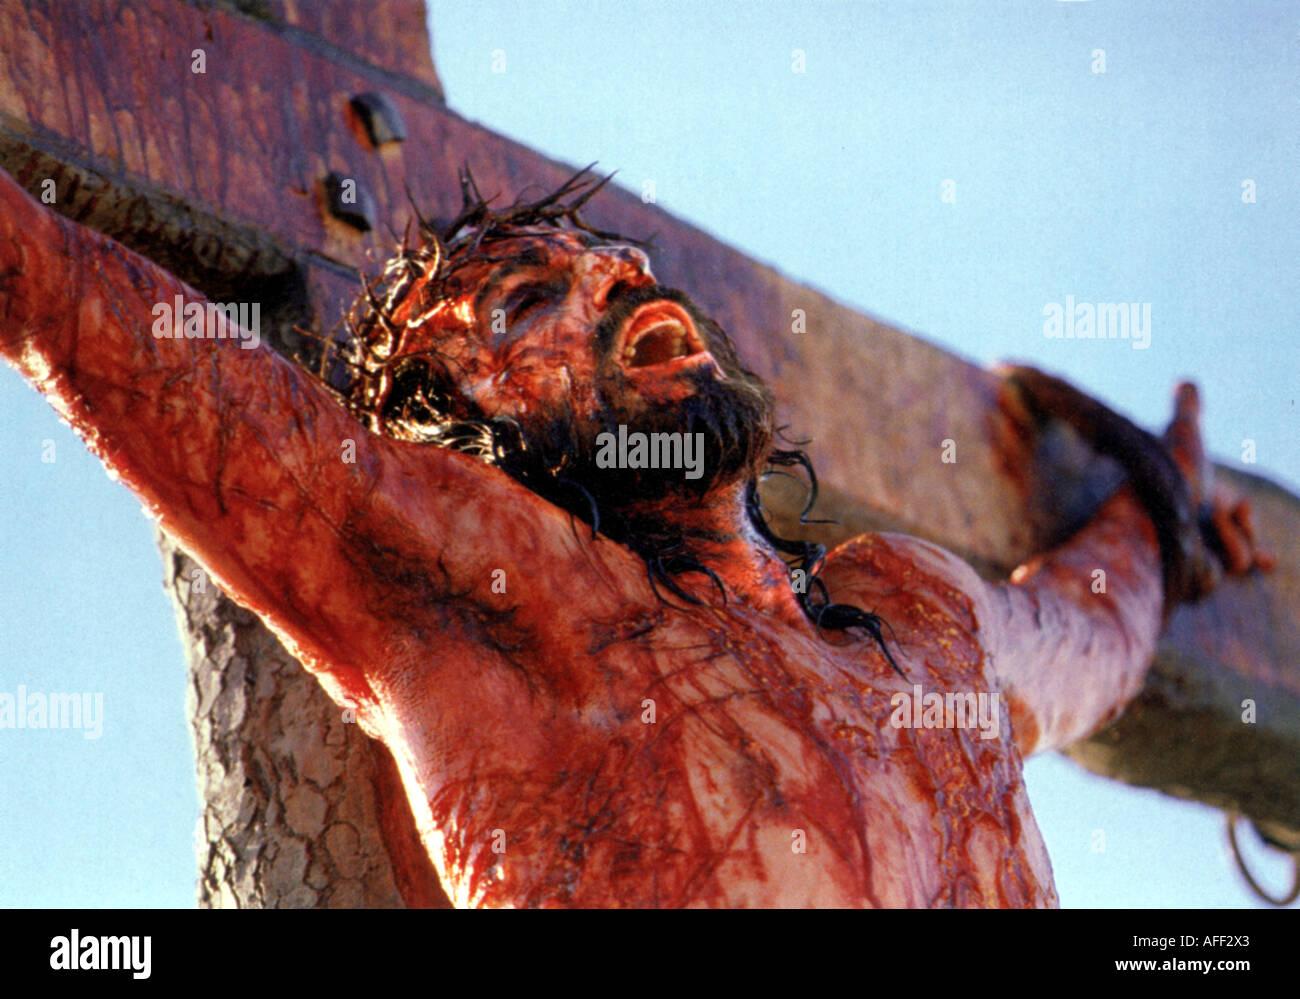 DER Leidenschaft von Christus 2004 Icon Film von Mel Gibson mit James Caviezel als Jesus Stockbild